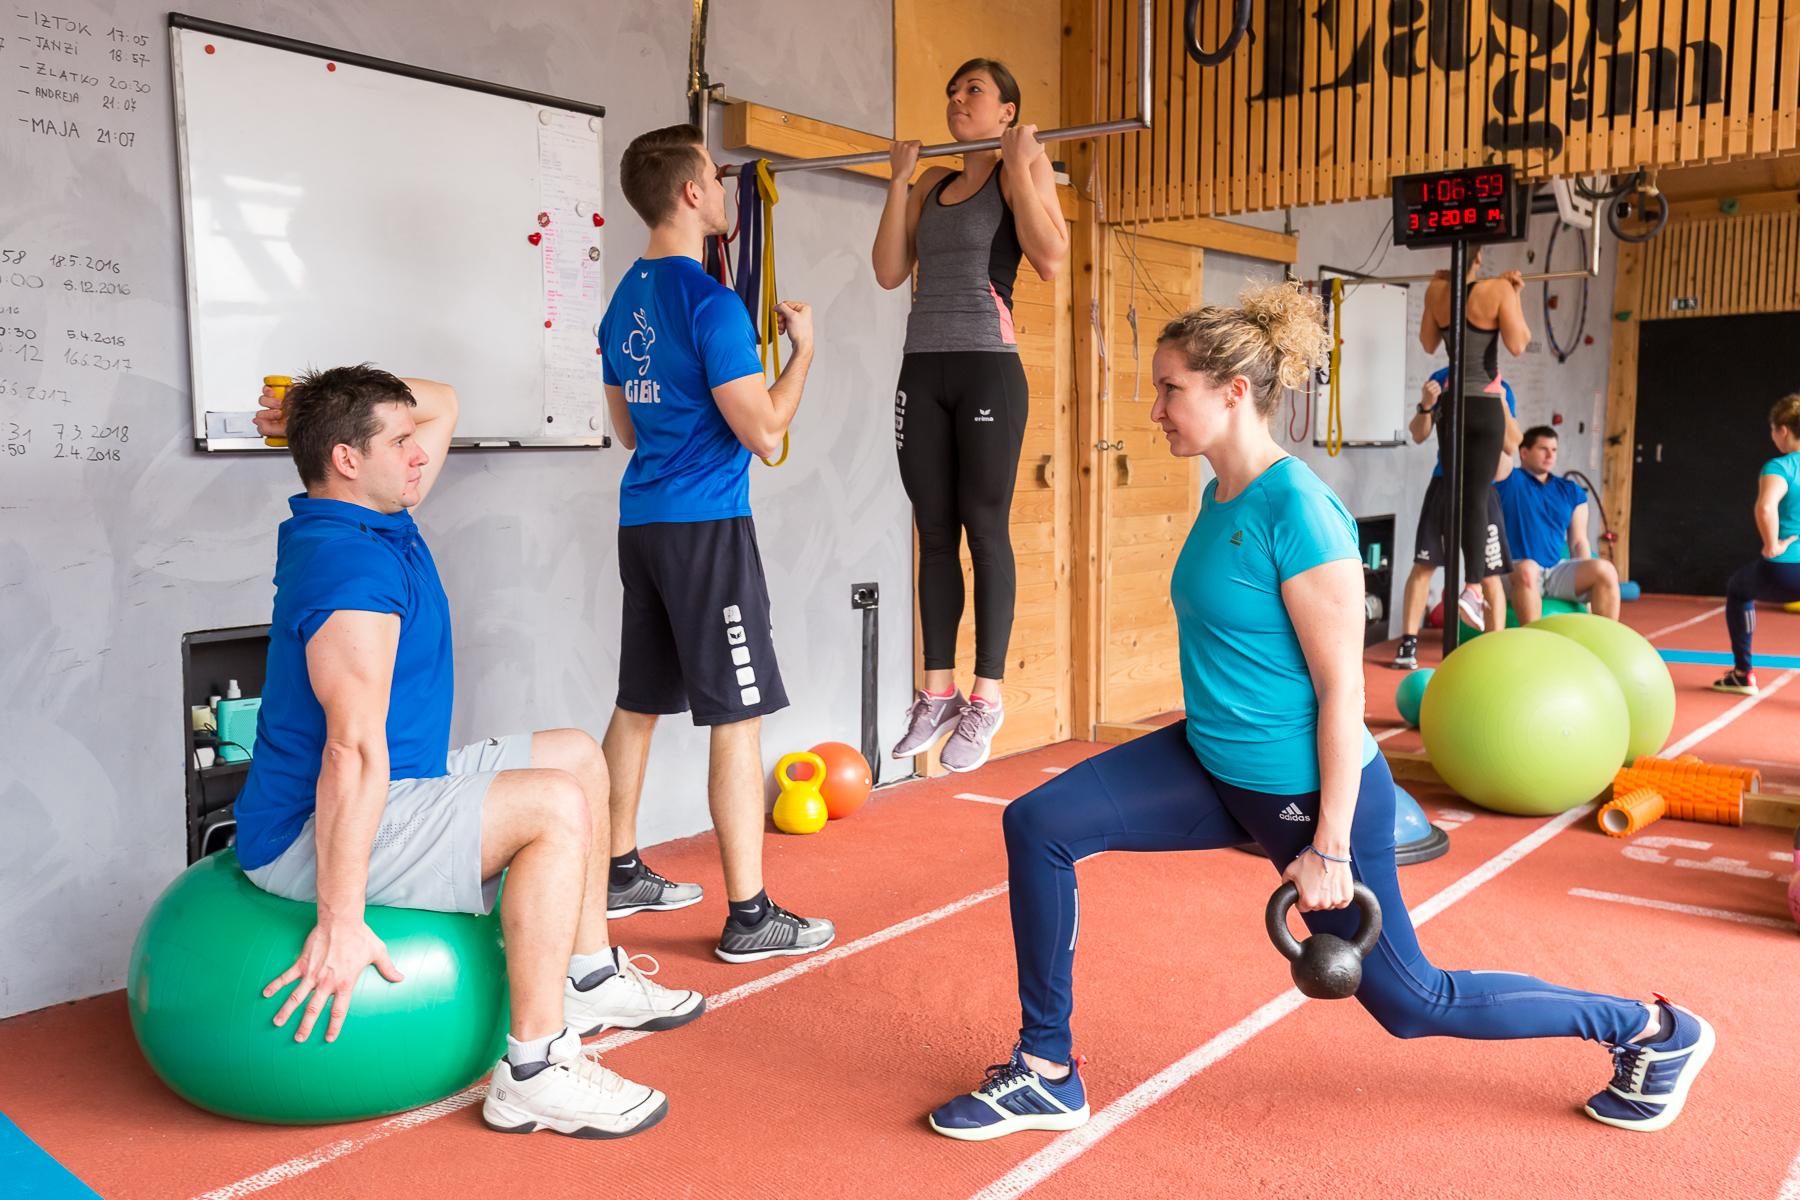 NOVO: osebno in semi-osebno trenerstvo, masaže, terapije ...